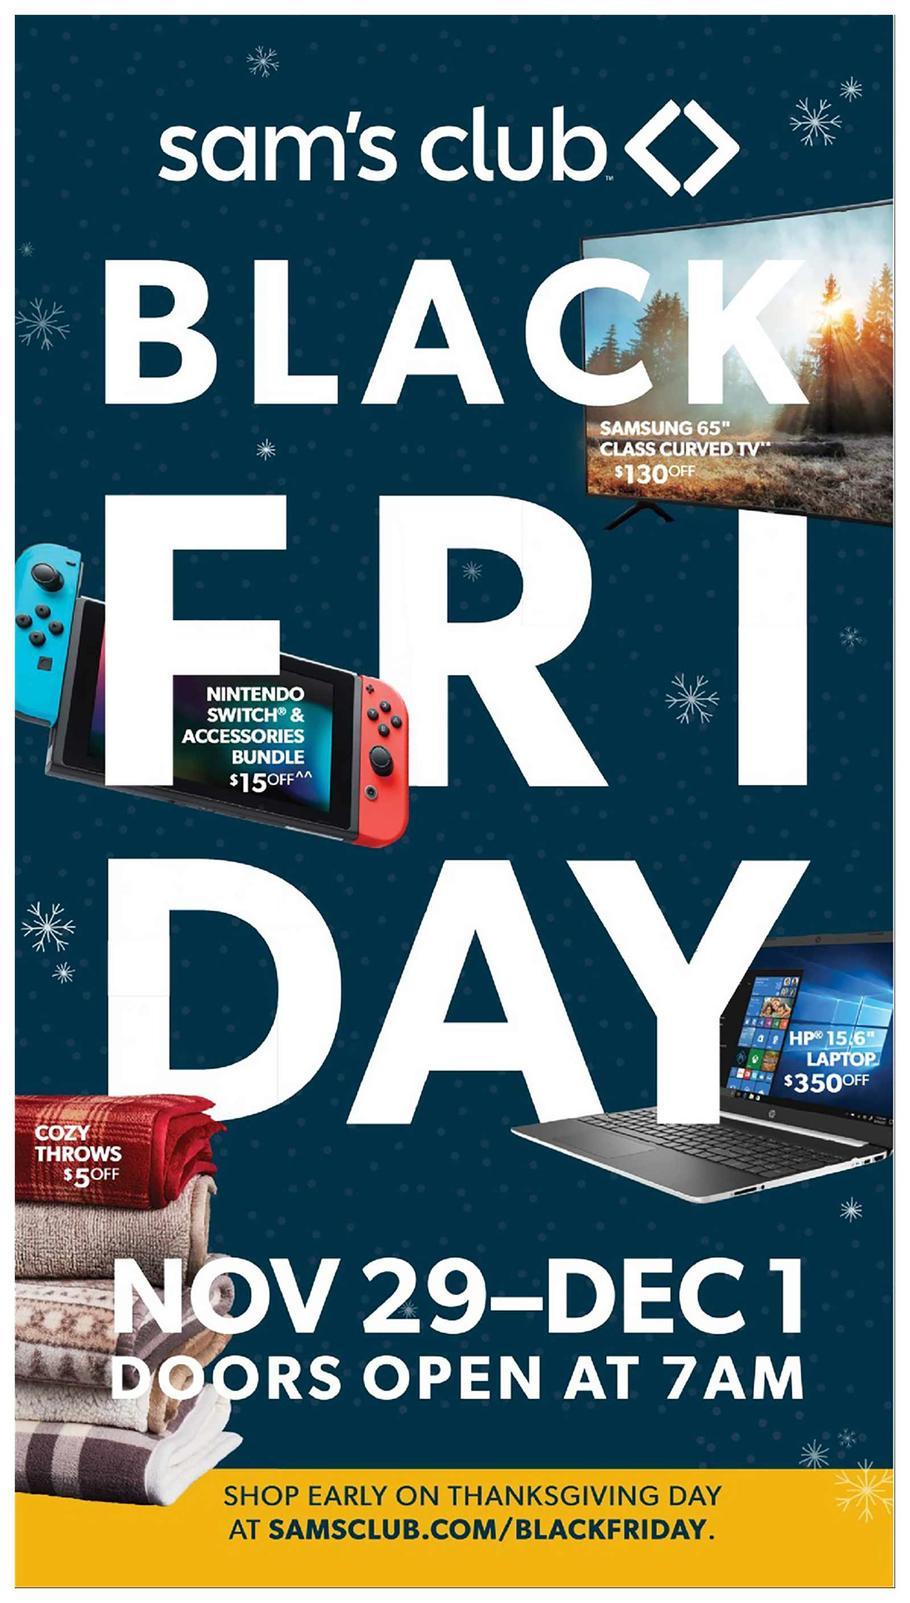 Sam S Club 2020 Black Friday Ad Black Friday Ads Sams Club Black Friday